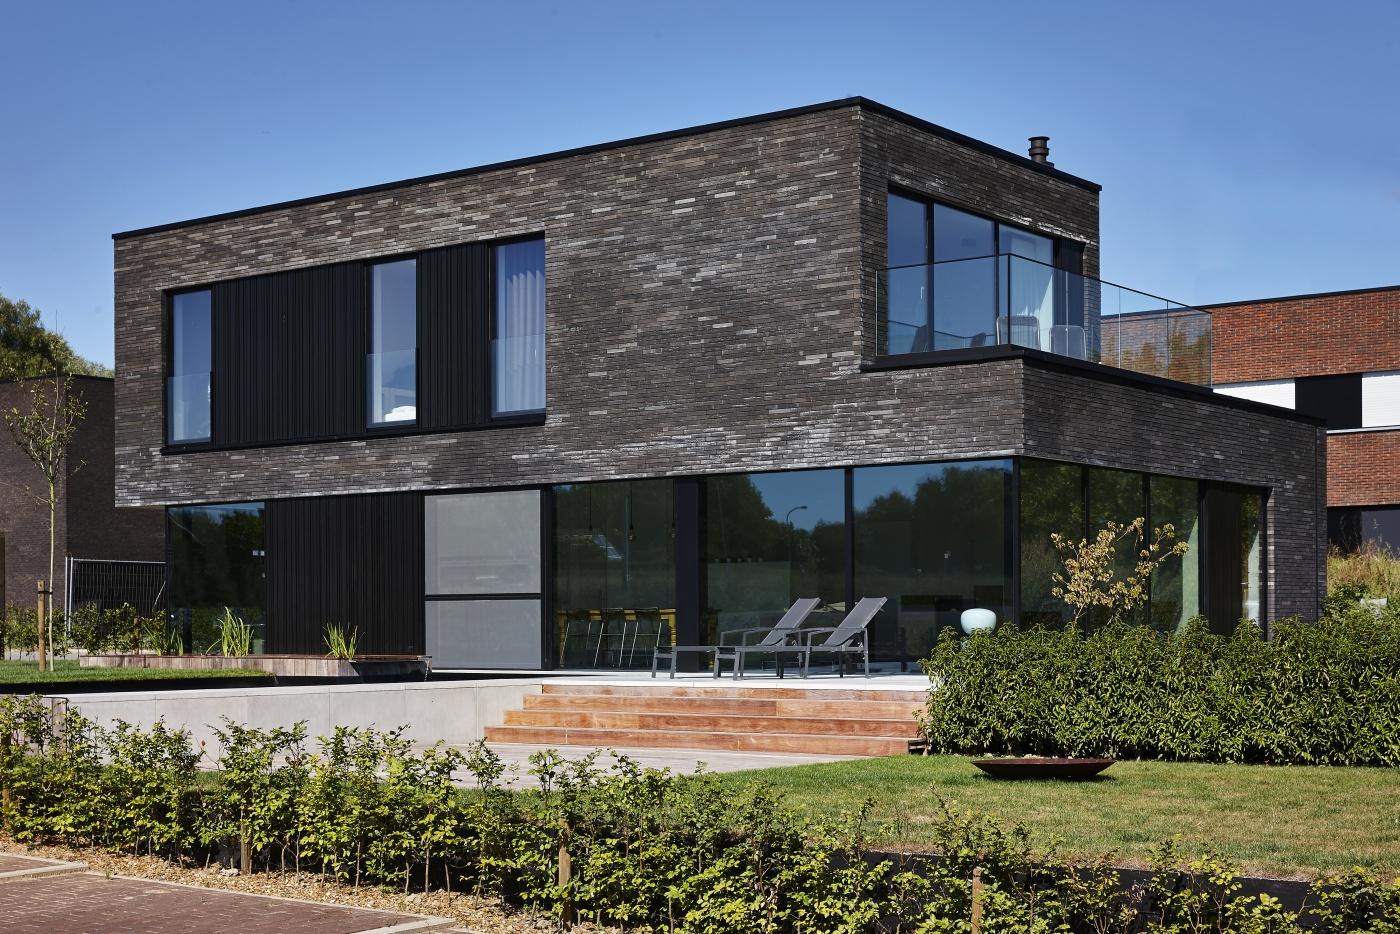 Villabouw dumobil tielt west vlaanderen for Huis bouwen inspiratie